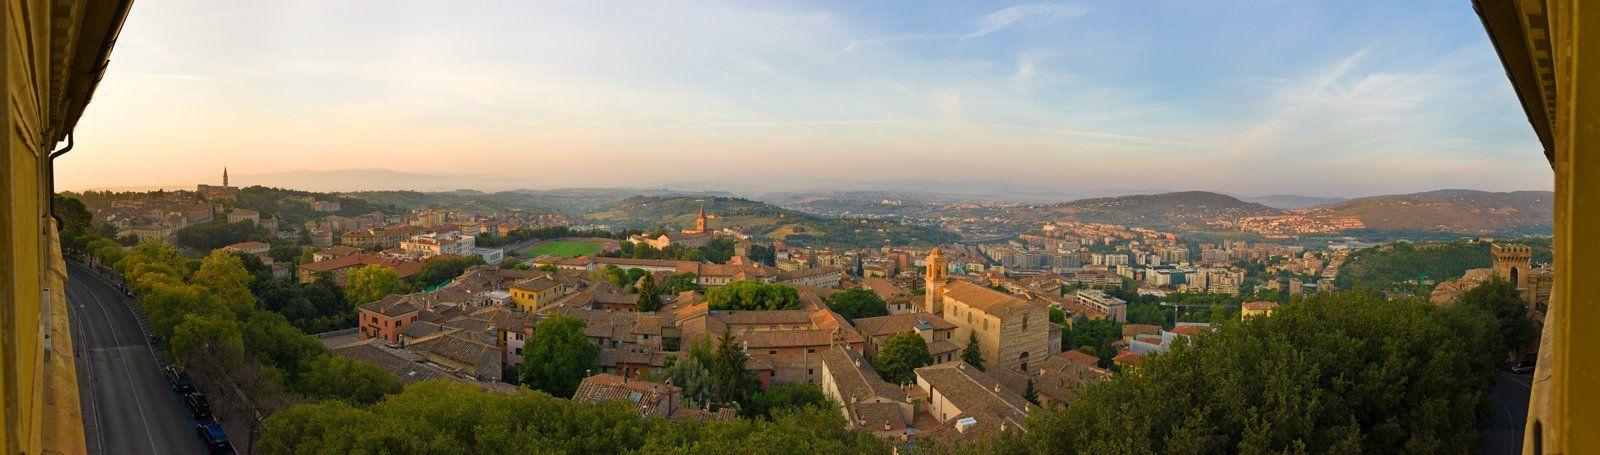 панорама, италия, перуджия, Михаил Кристев